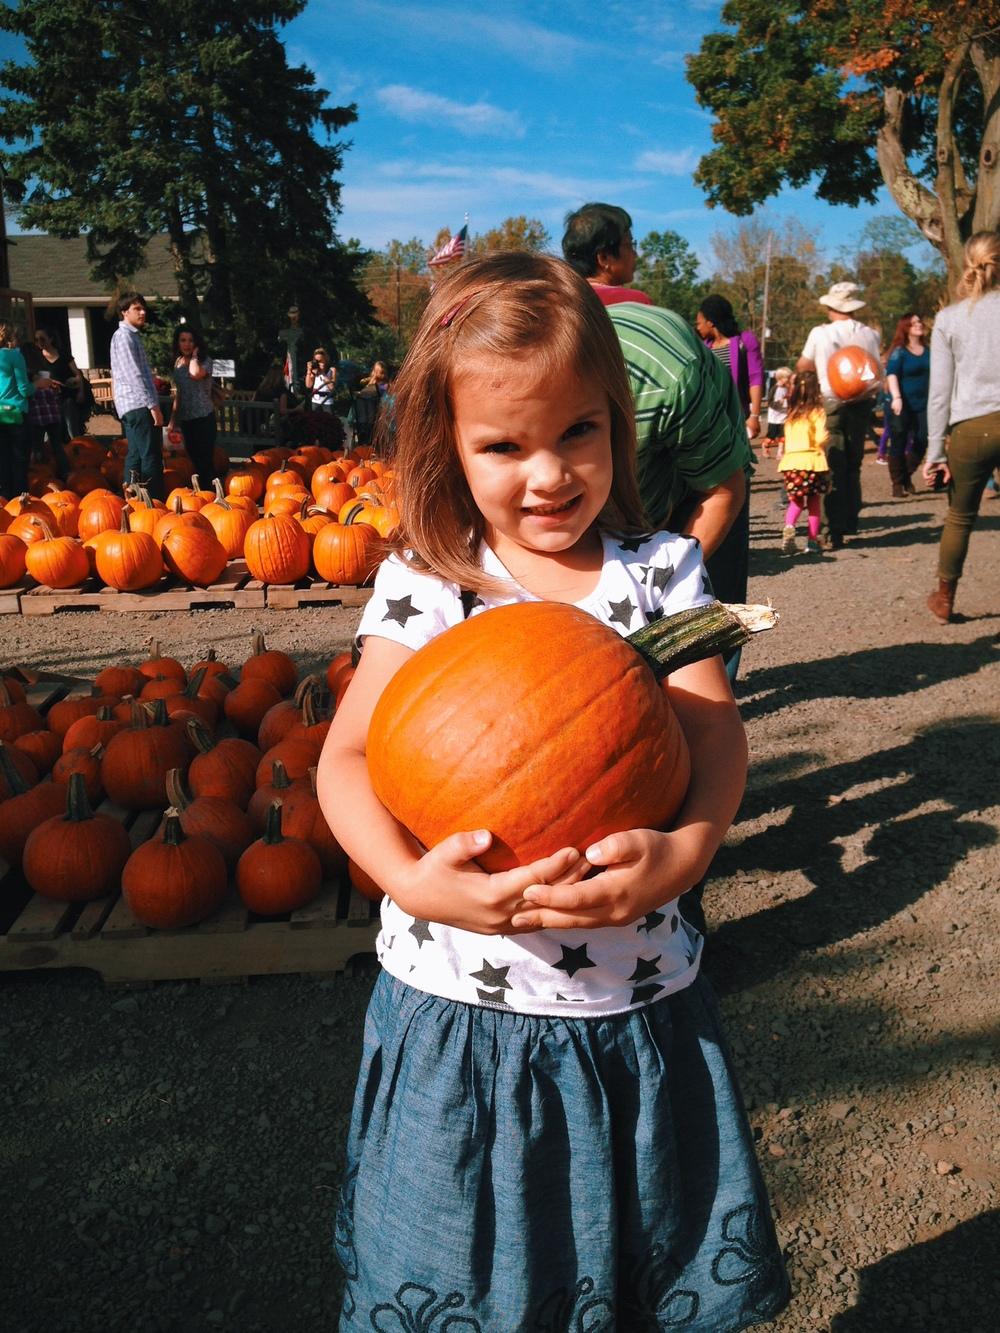 L pumpkin 2013.JPG